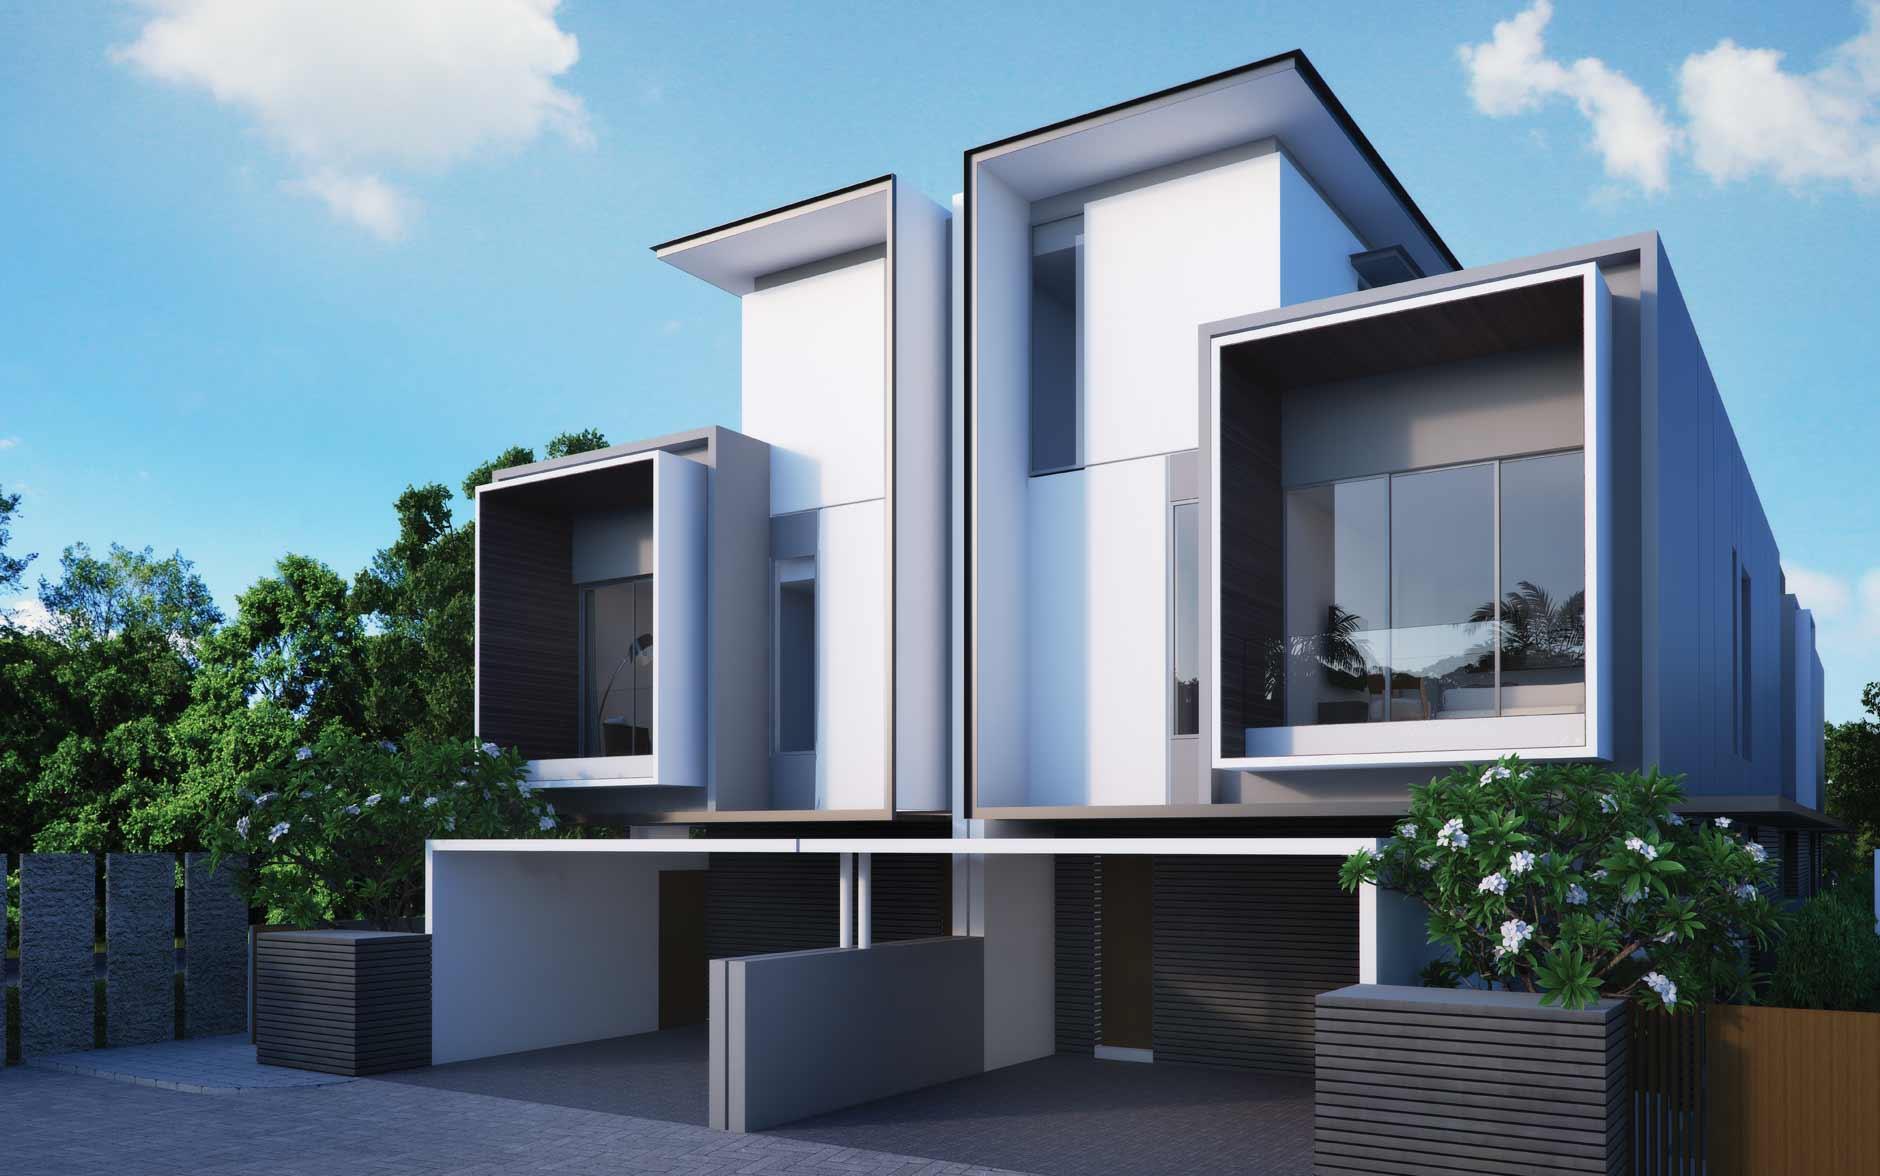 Mẫu biệt thự hiện đại 3 tầng cao cấp với không gian mở ấn tượng - 6